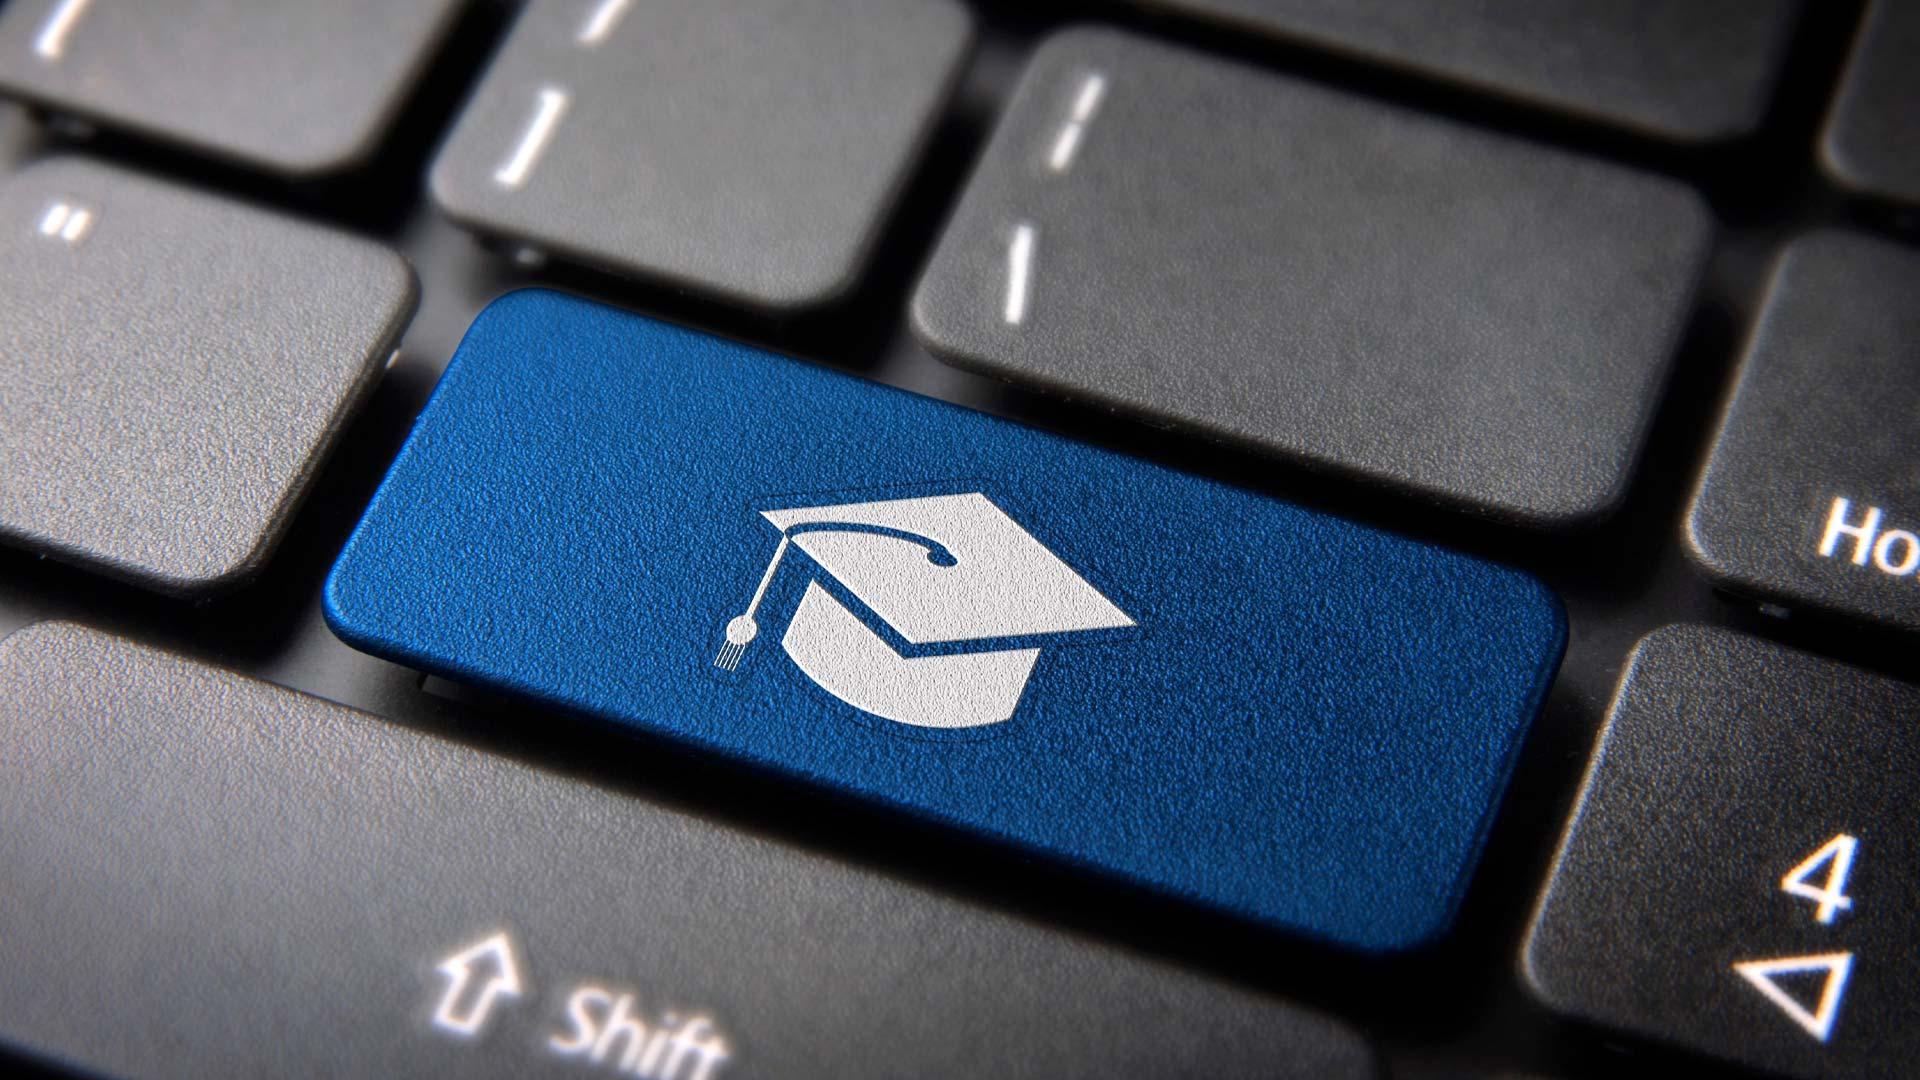 Evento gratuito capacita educadores para desafios da educação digital